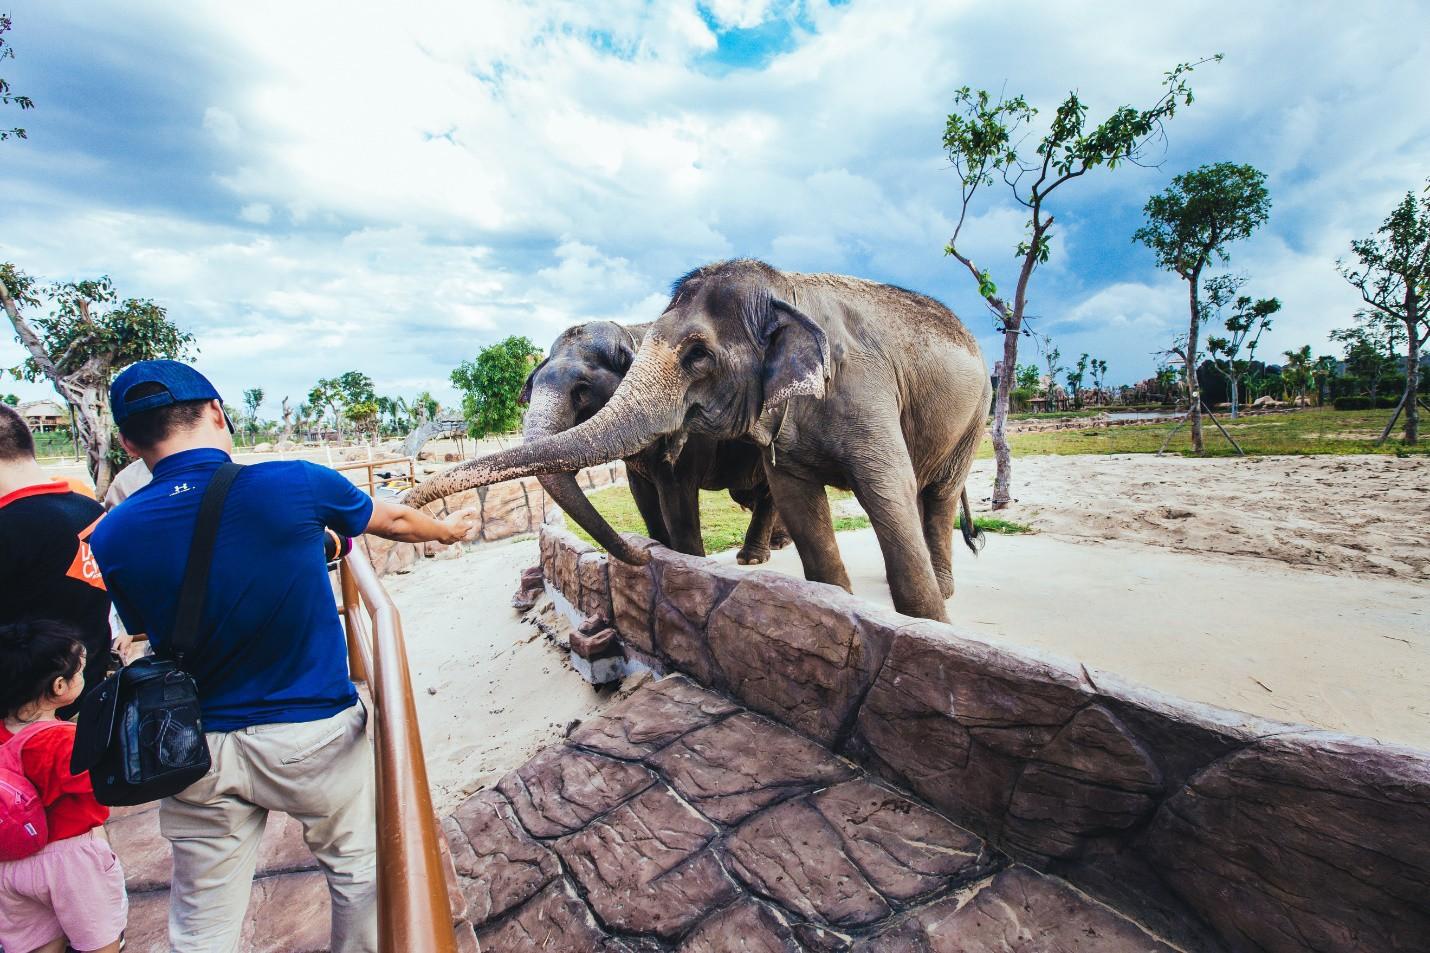 Một vòng khám phá River Safari - Công viên bảo tồn động vật hoang dã trên sông tại Hội An - Ảnh 4.